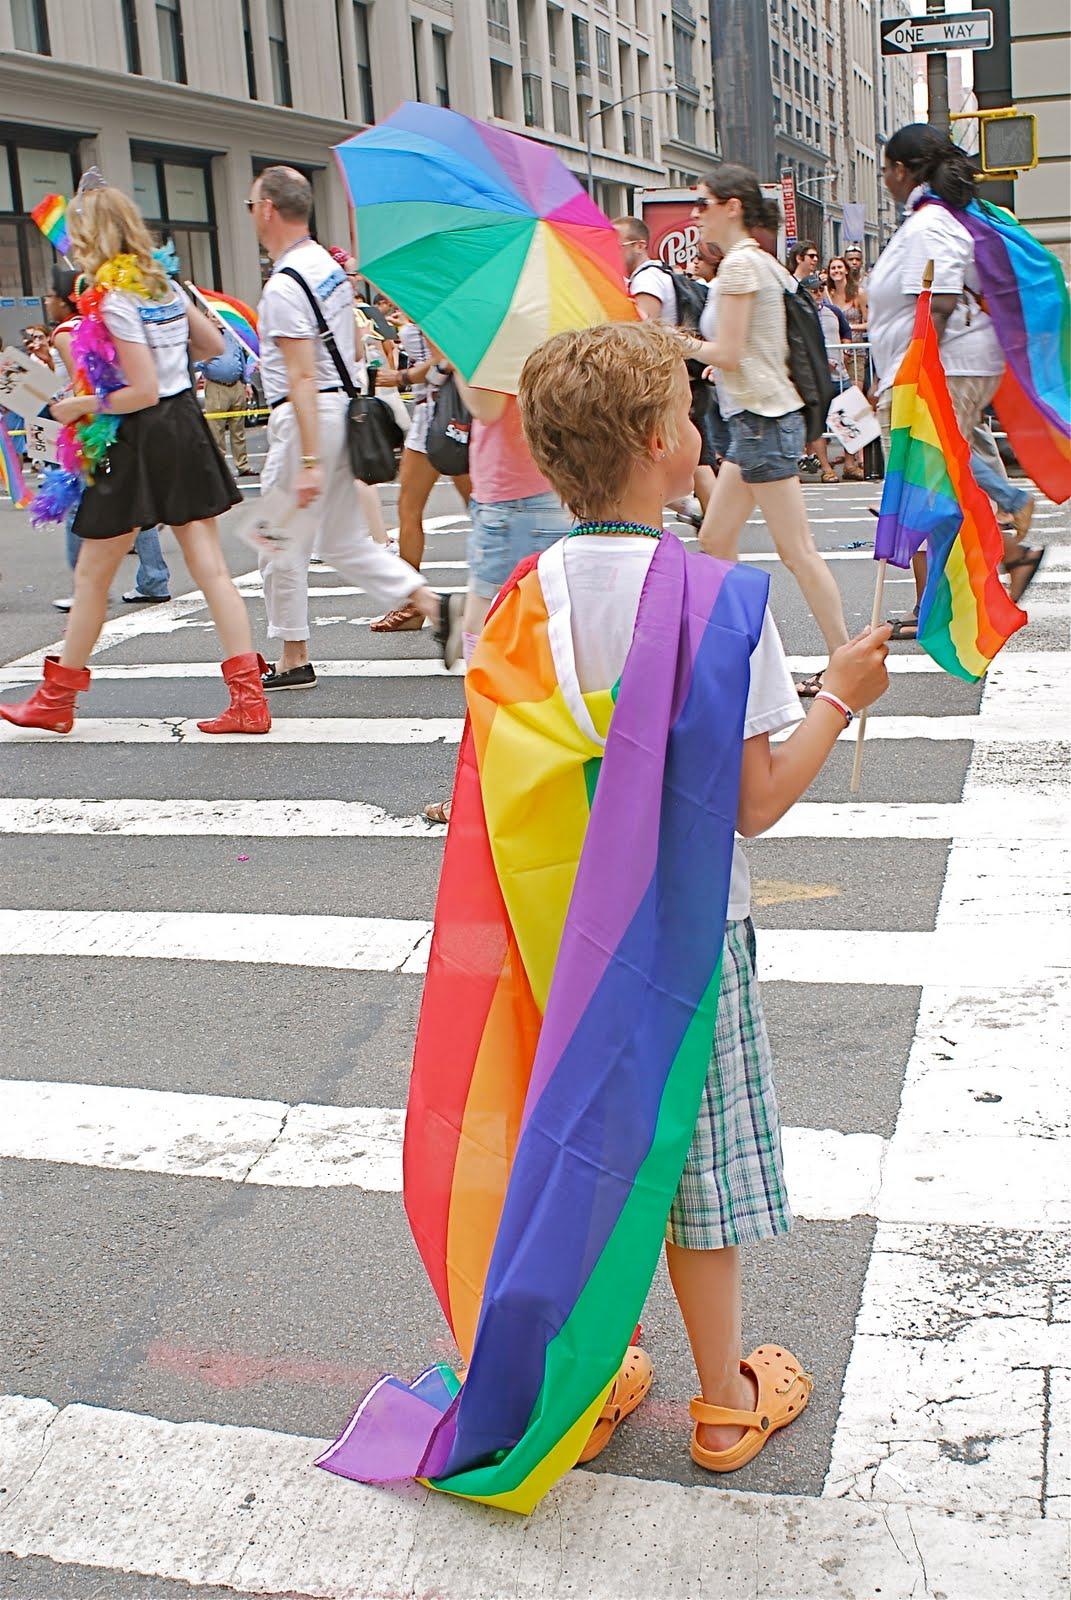 Montreal gay village condos